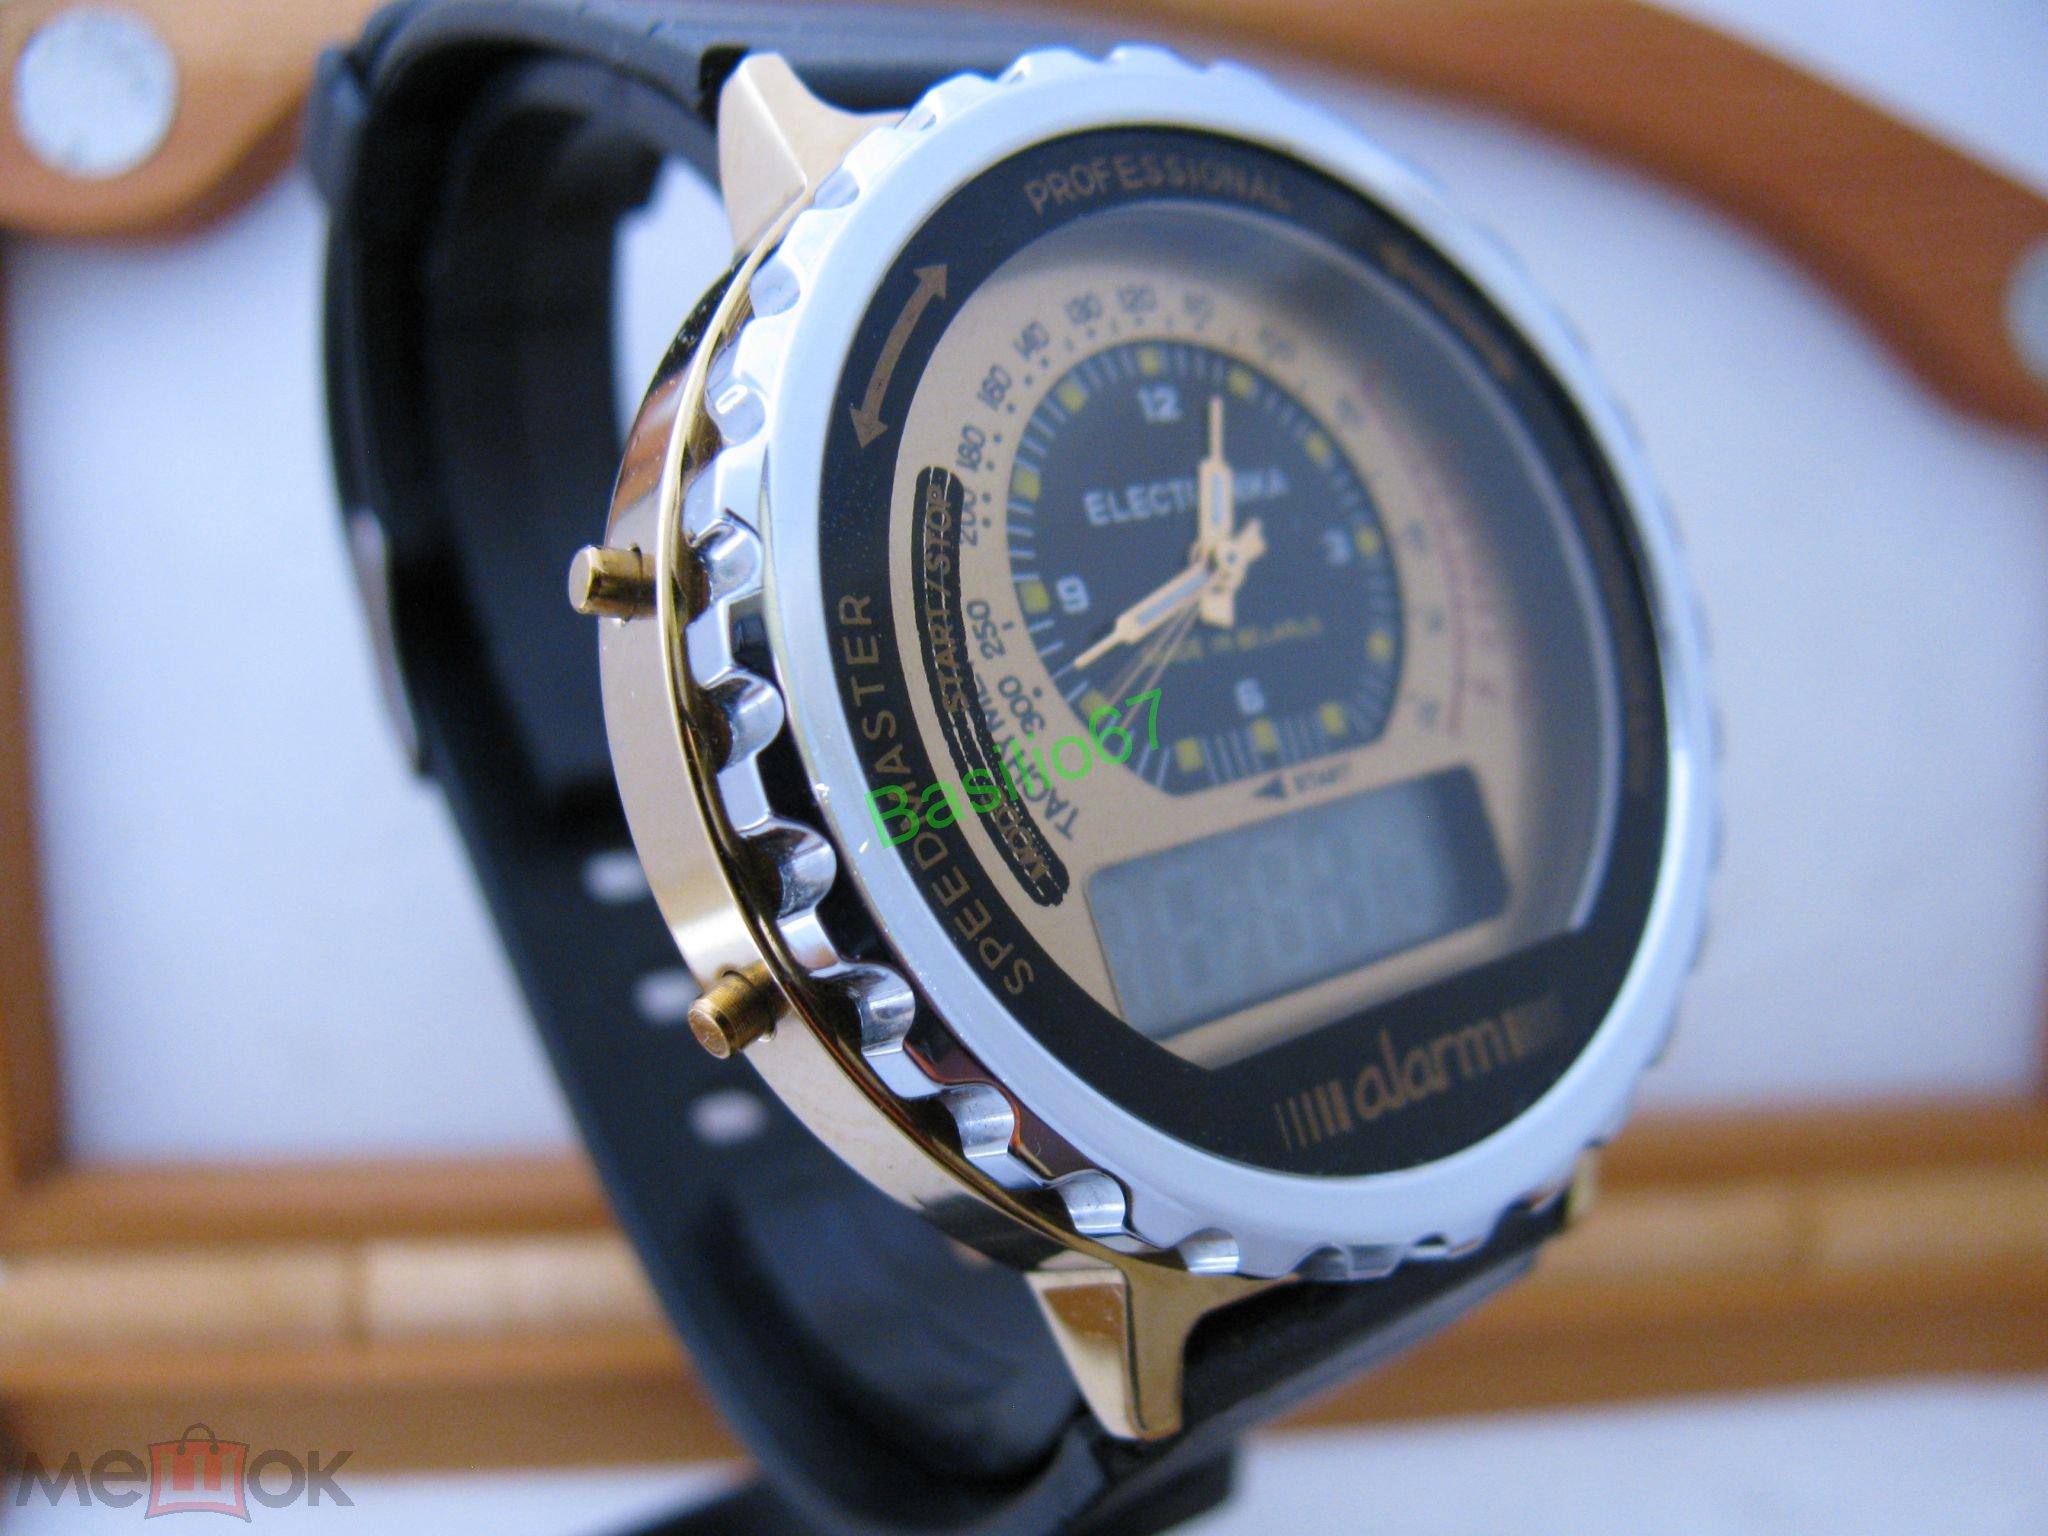 Большой каталог товаров: часы наручные электроника 5 ▼ - сравнение цен в интернет магазинах, описания и характеристики товаров, отзывы 👍.